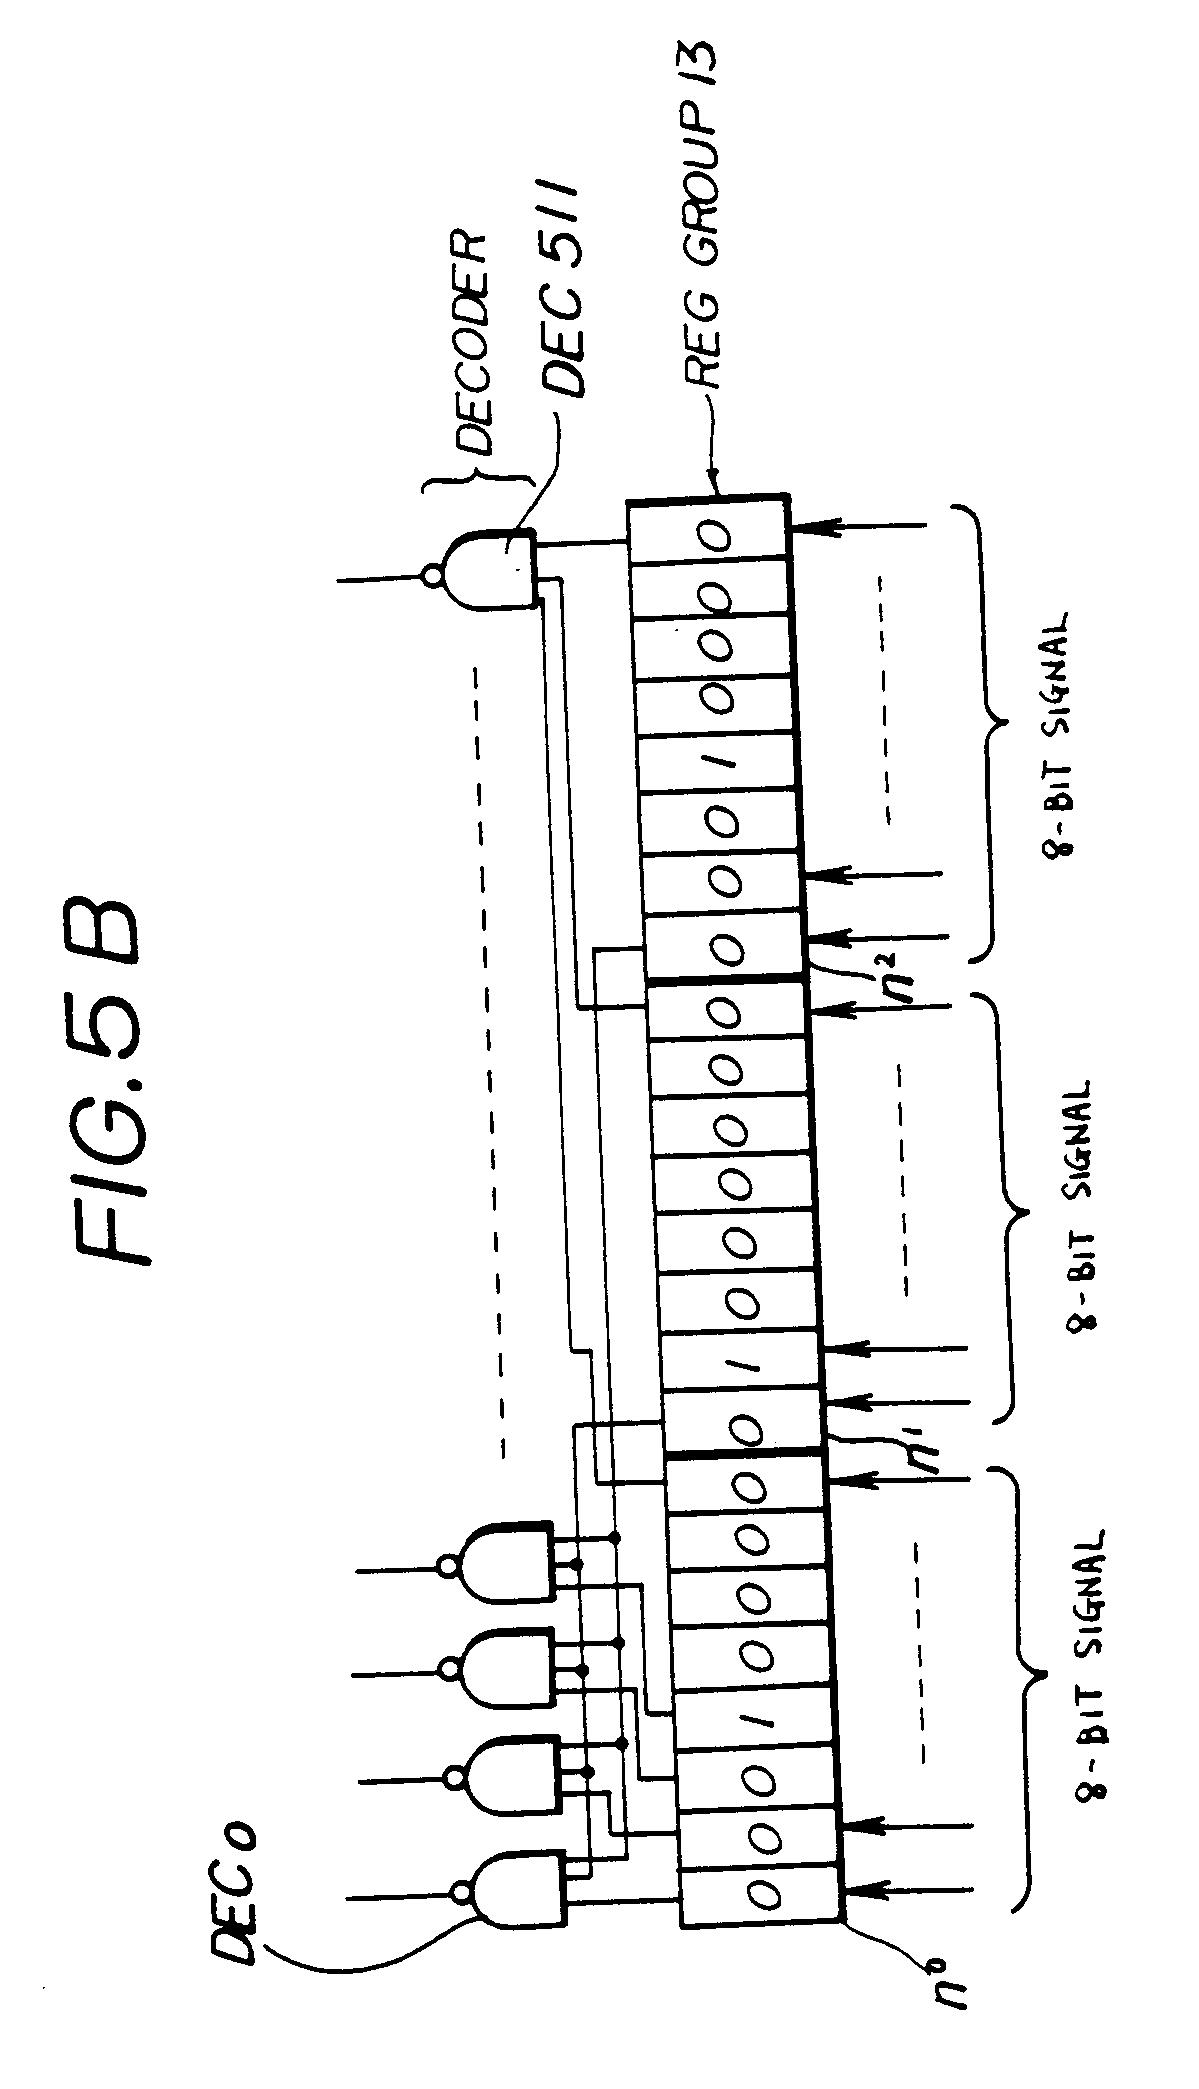 专利ep0363031b1 - serial